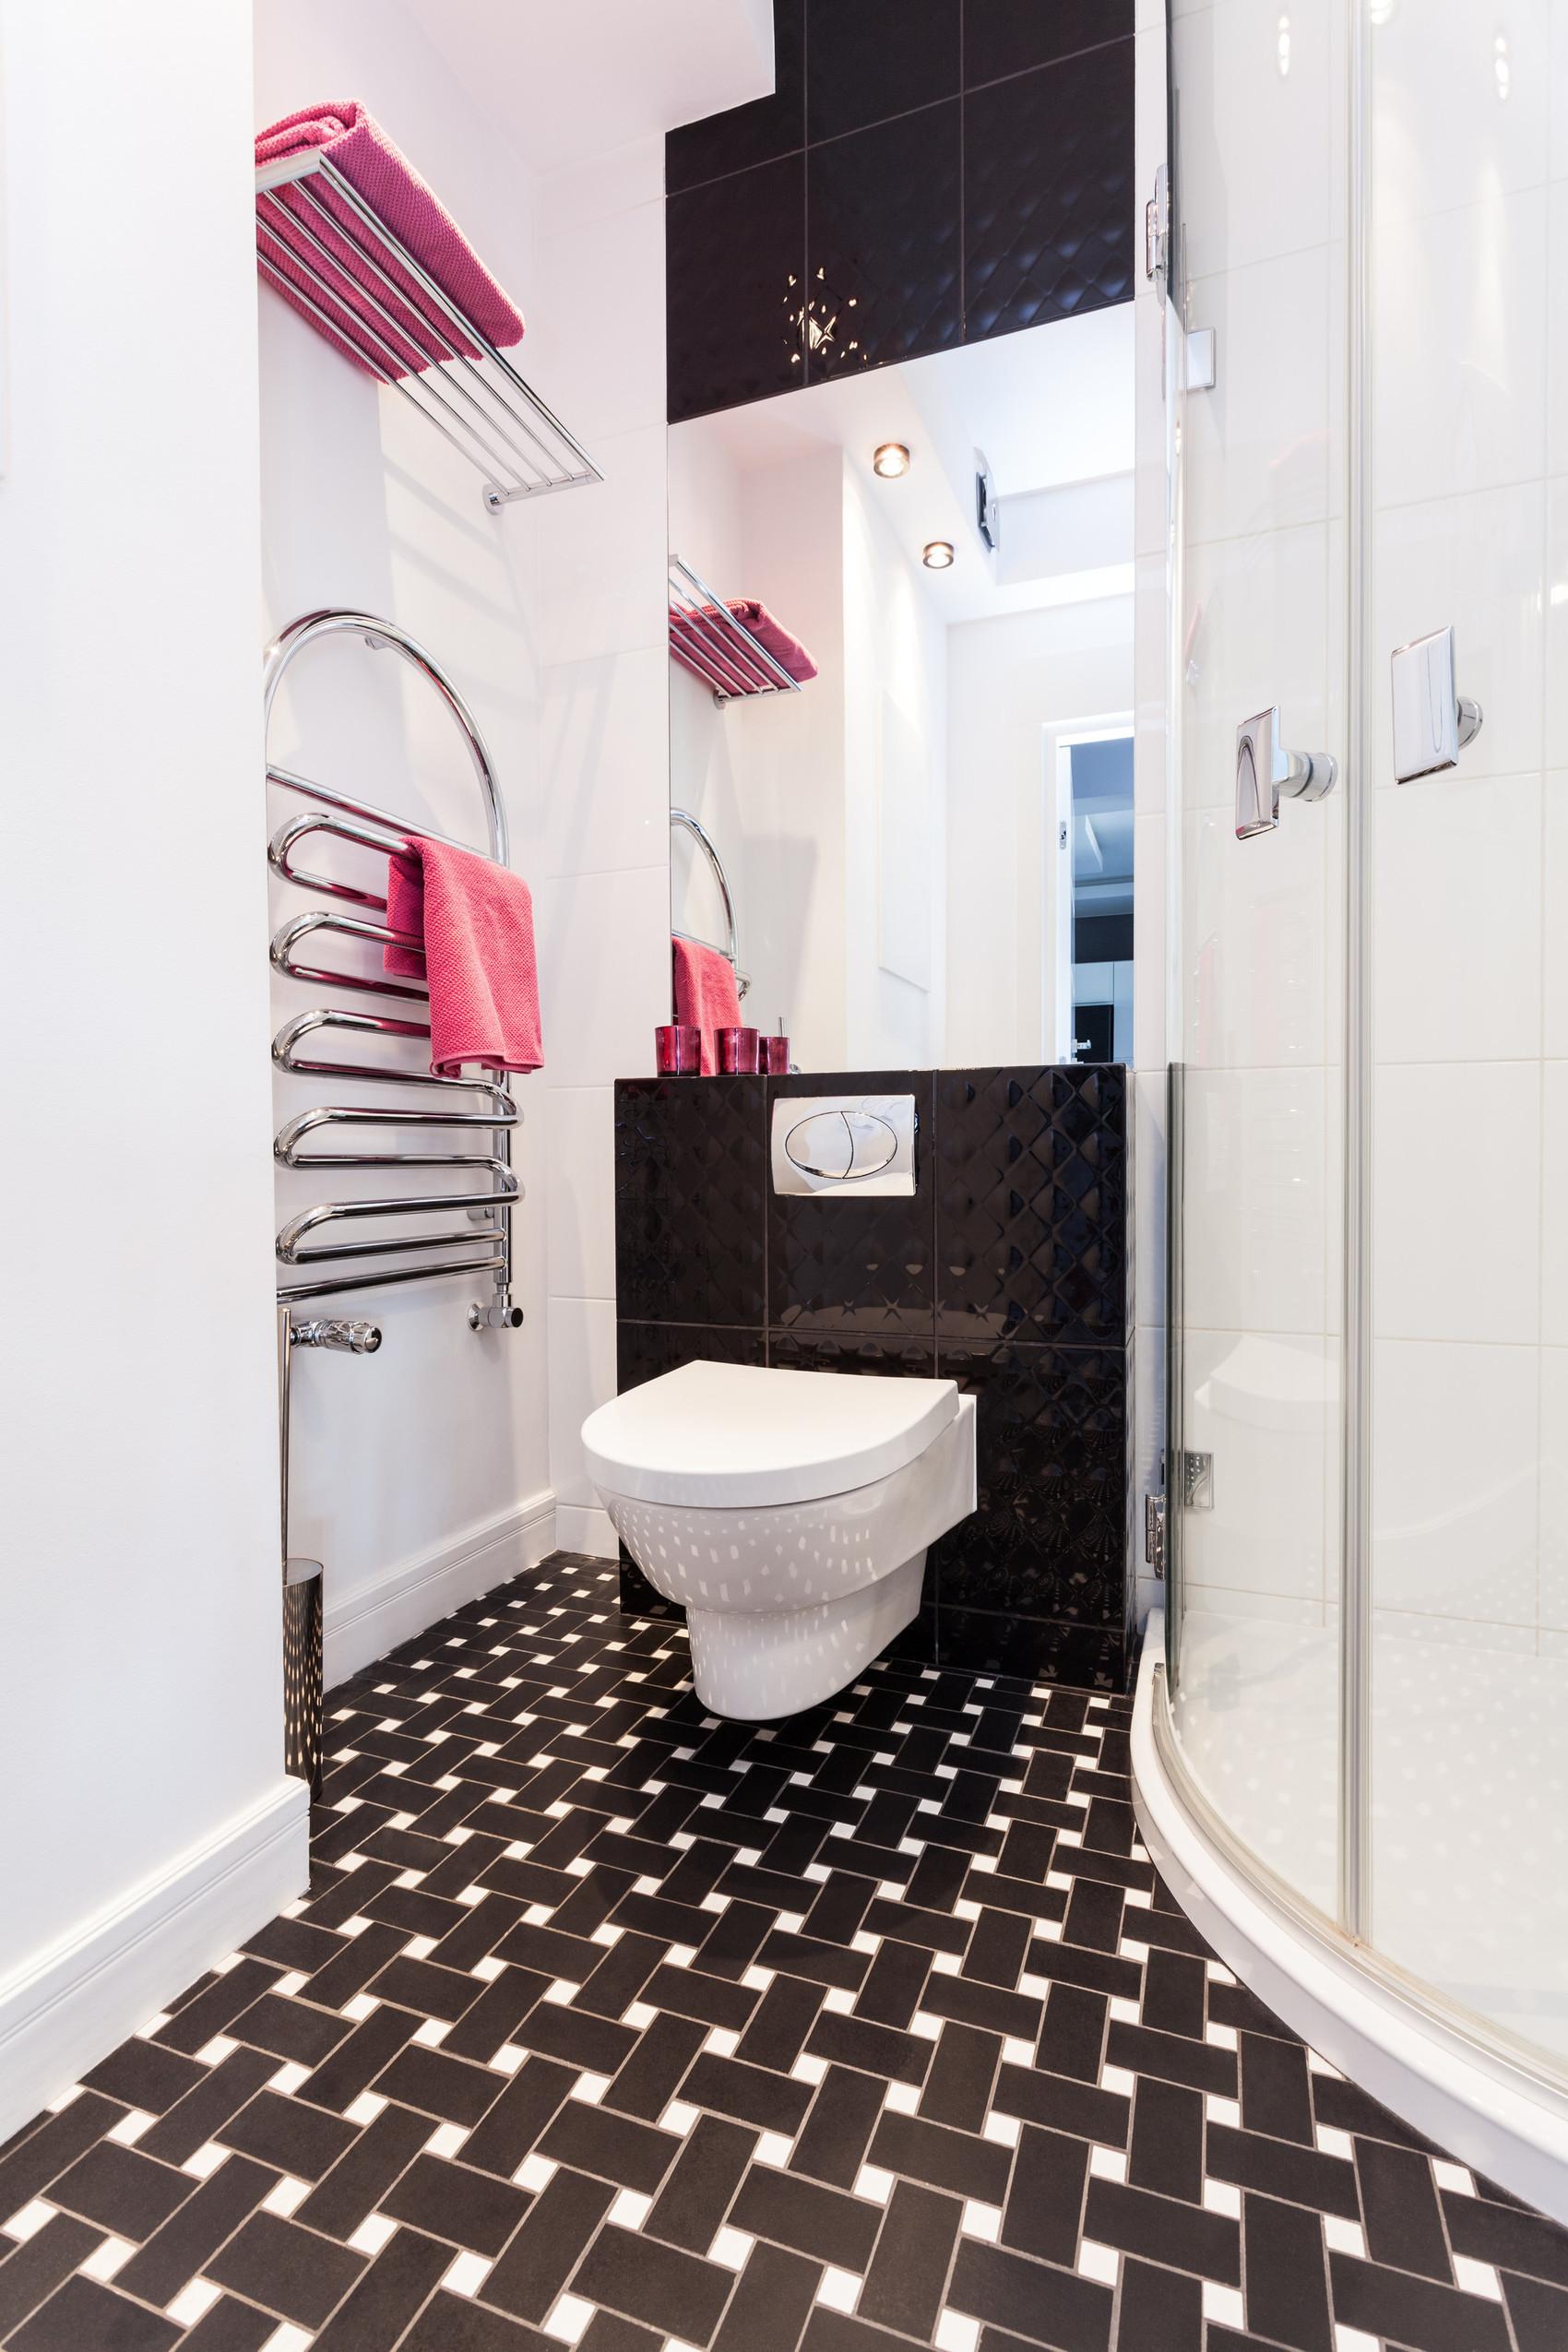 toilettes classiques ou toilettes suspendues. Black Bedroom Furniture Sets. Home Design Ideas